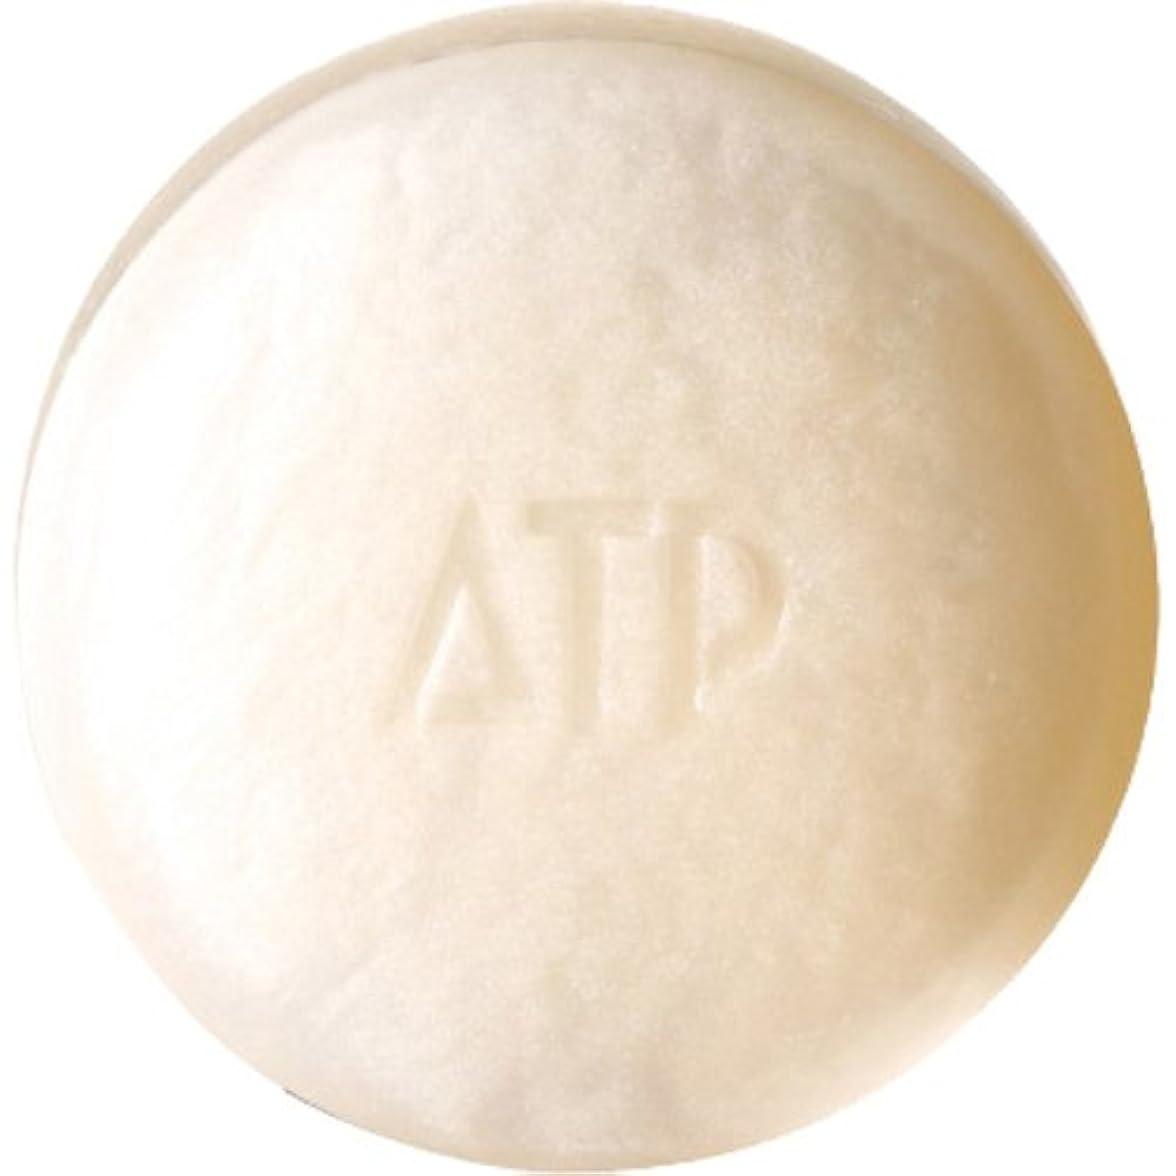 ベギン謝罪するアクティブ薬用ATP デリケアソープ 100g ケースなし (全身用洗浄石けん?枠練り) [医薬部外品]